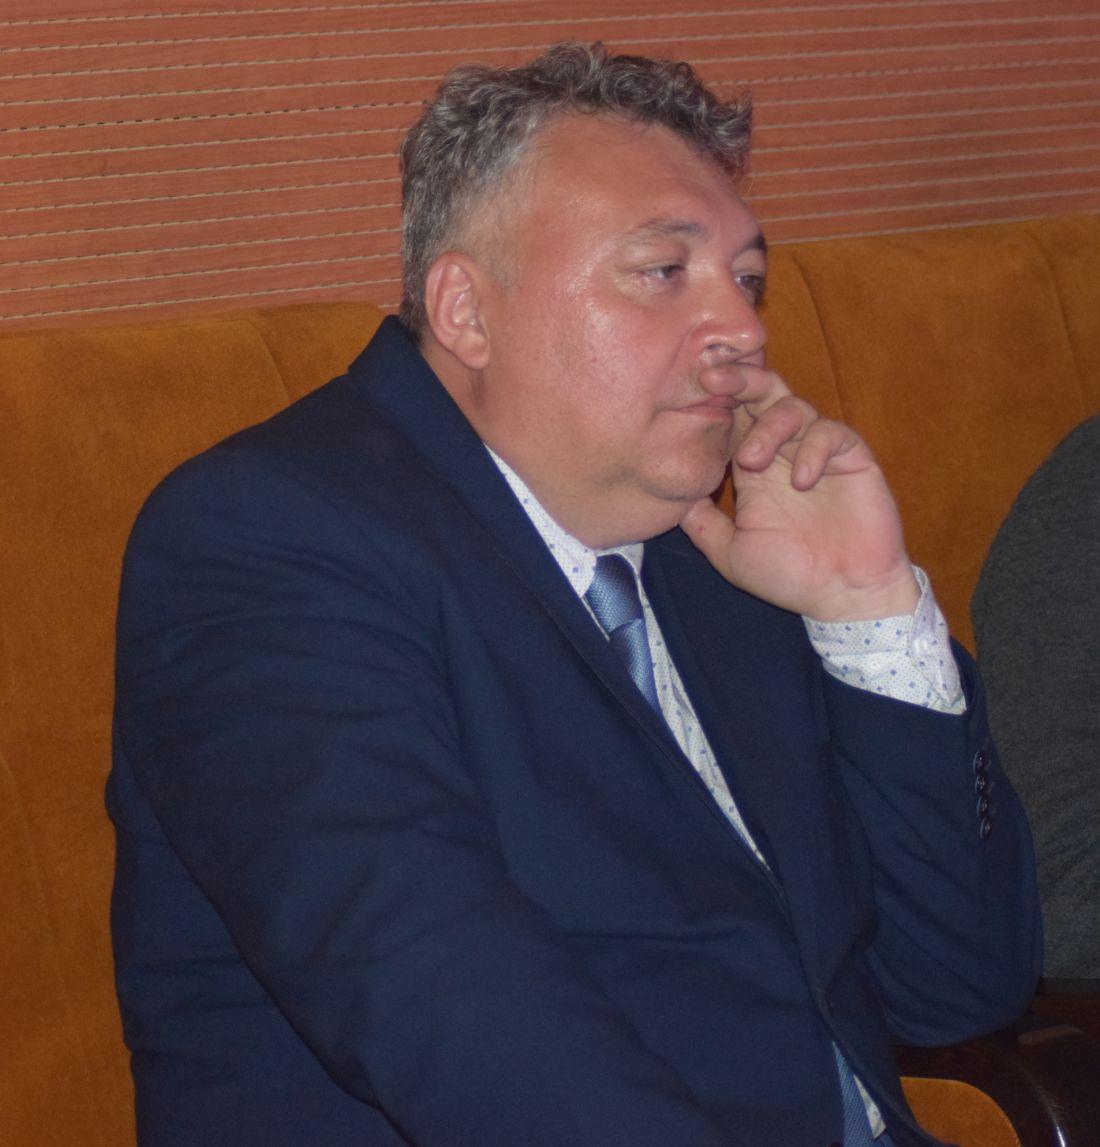 DSC_0382 Directorul Centrului Judetean de Cultura si Creatie Calarasi - Virgiliu Diaconu.1100 (foto by Bogdan Dragomir)